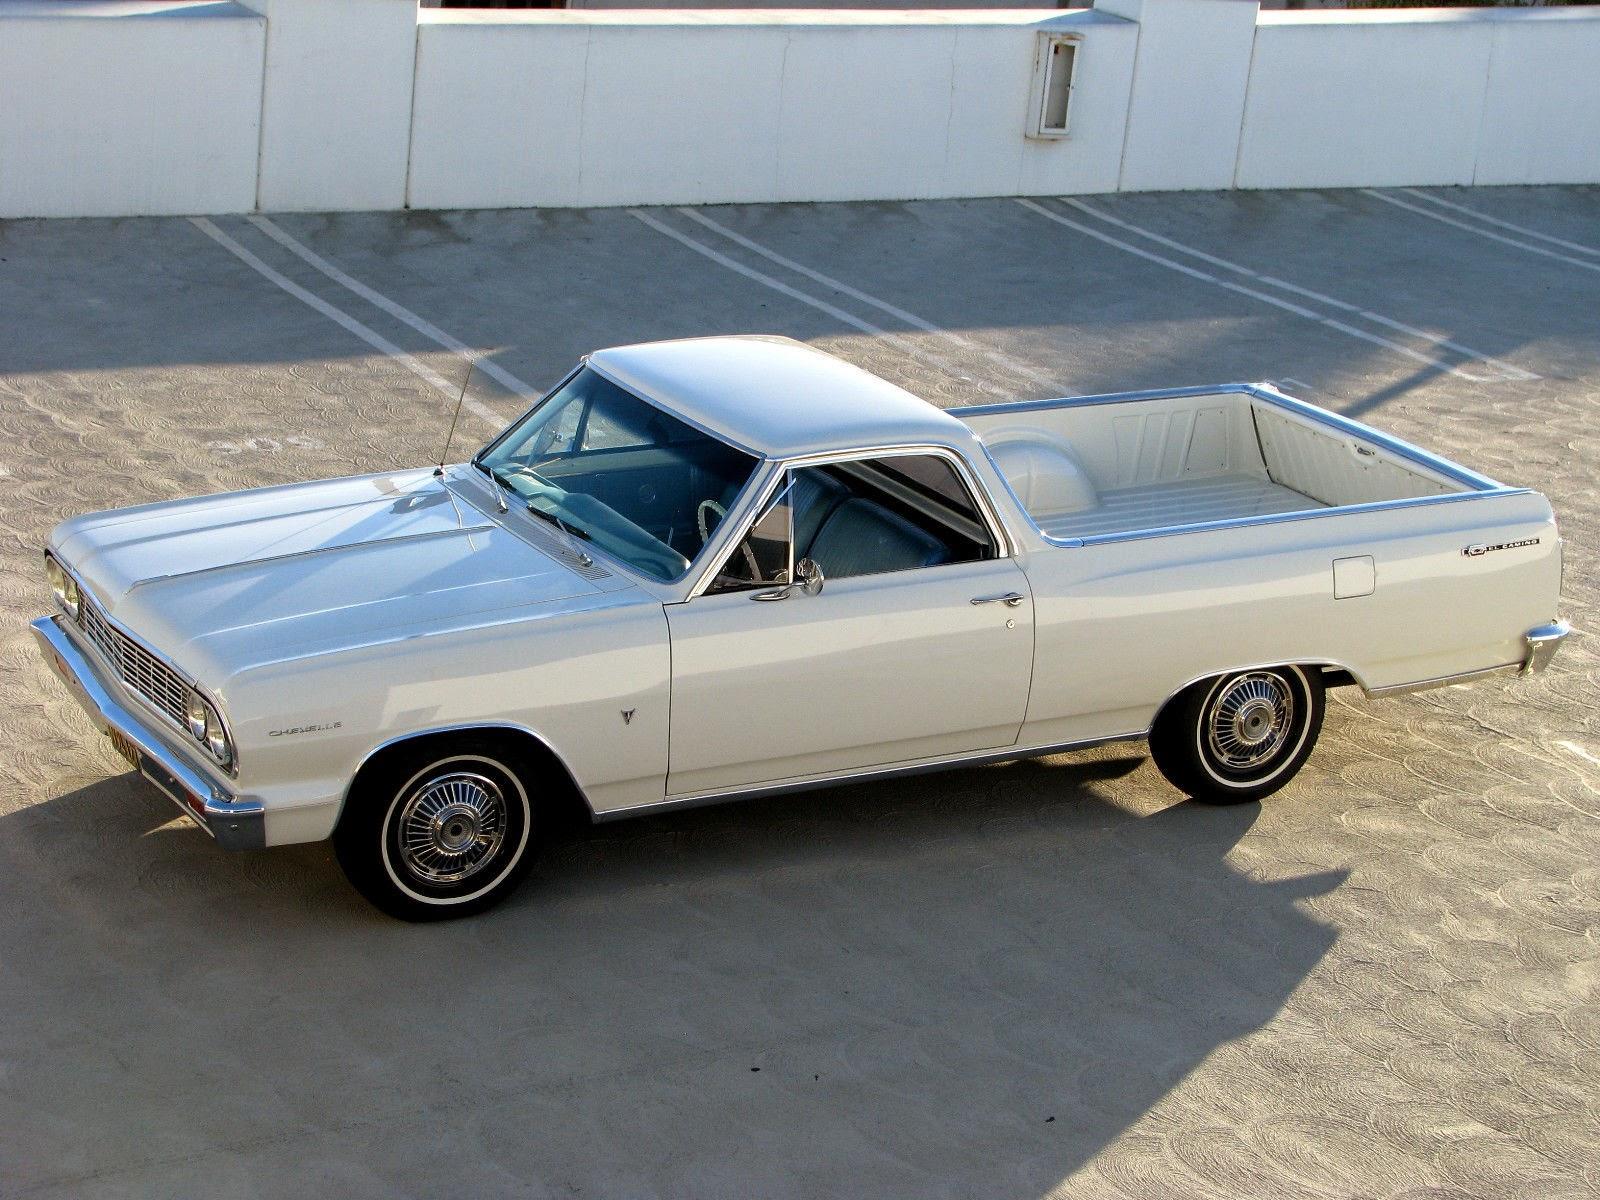 All American Classic Cars 1964 Chevrolet Chevelle El Camino